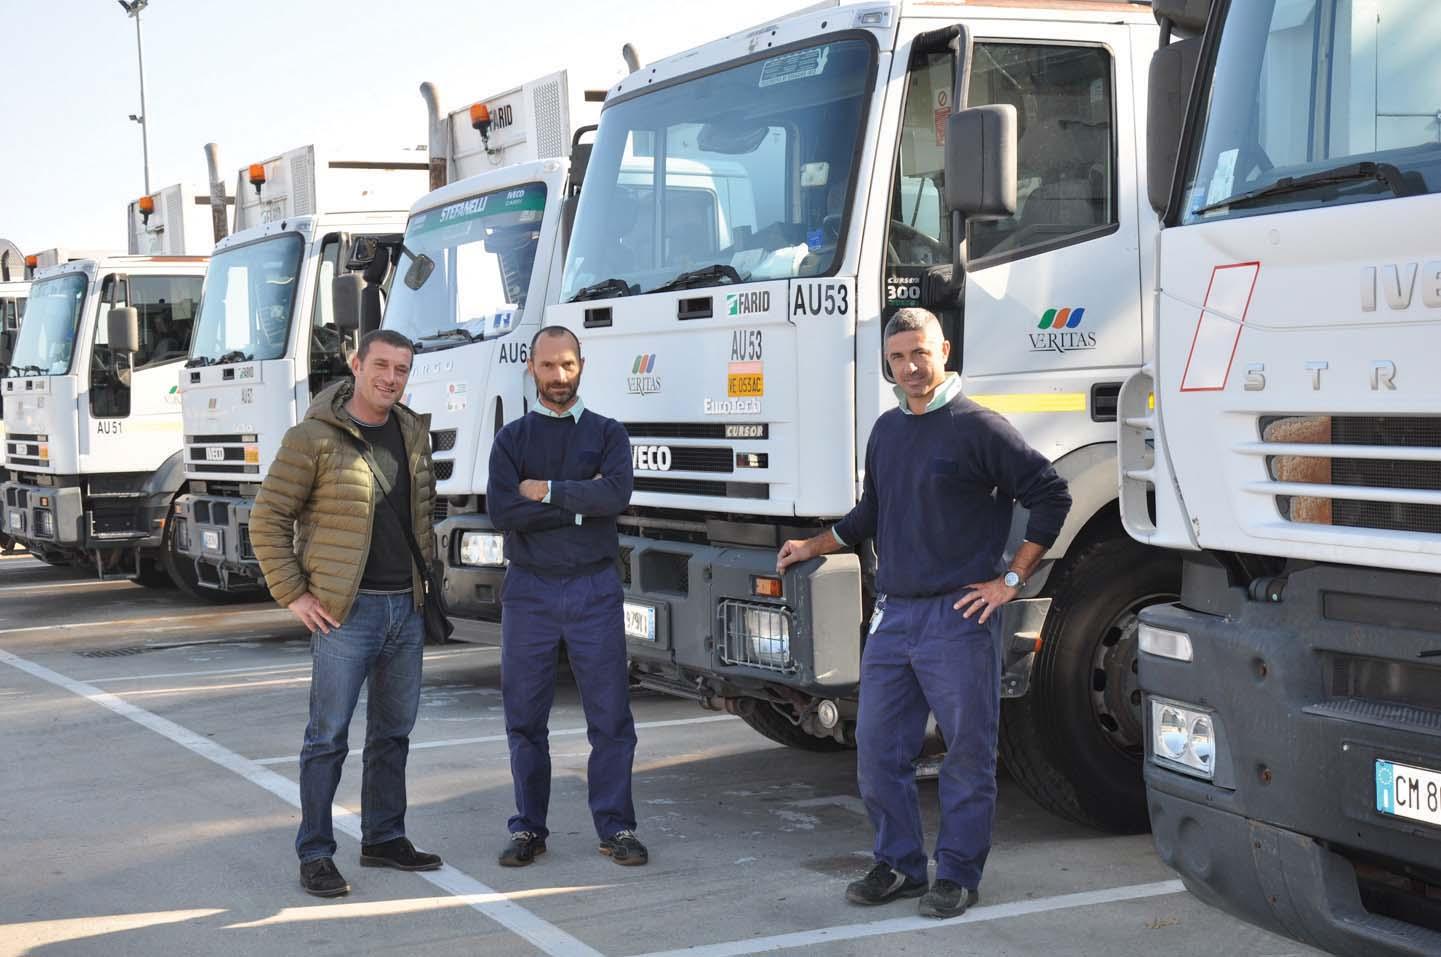 Raccolta rifiuti in Veneto: Veritas e Allison, sinergia automatica